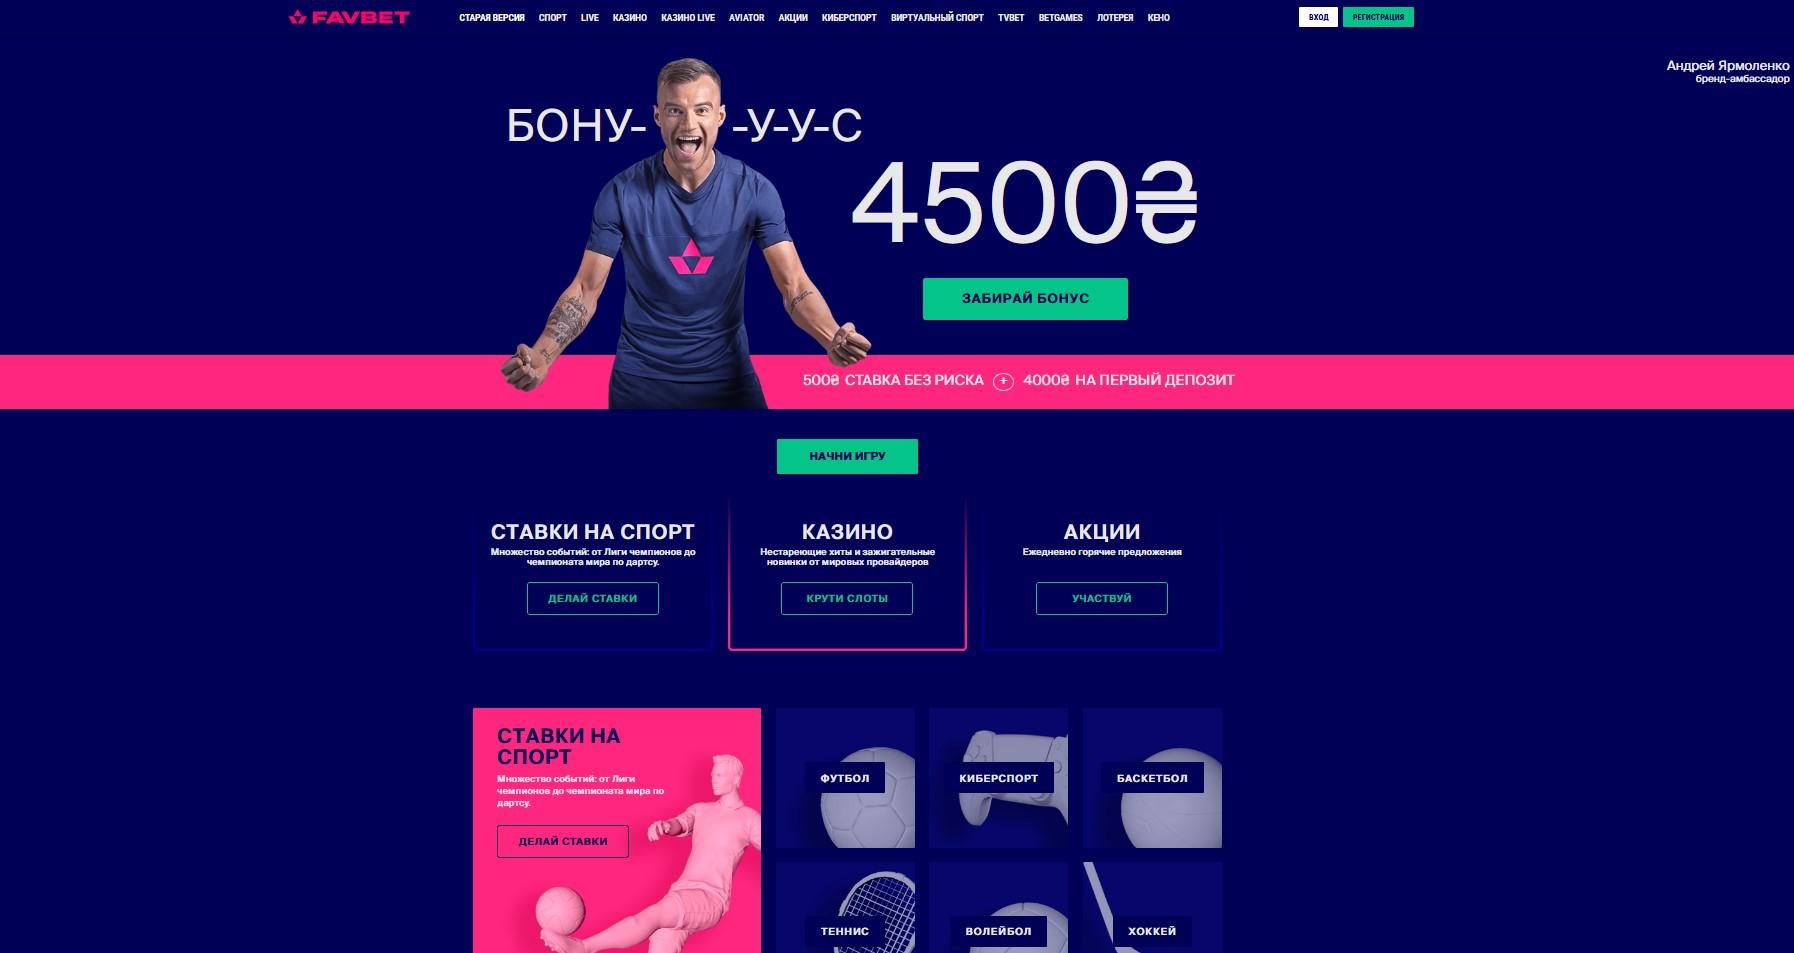 официальный сайт Фаворит Спорт